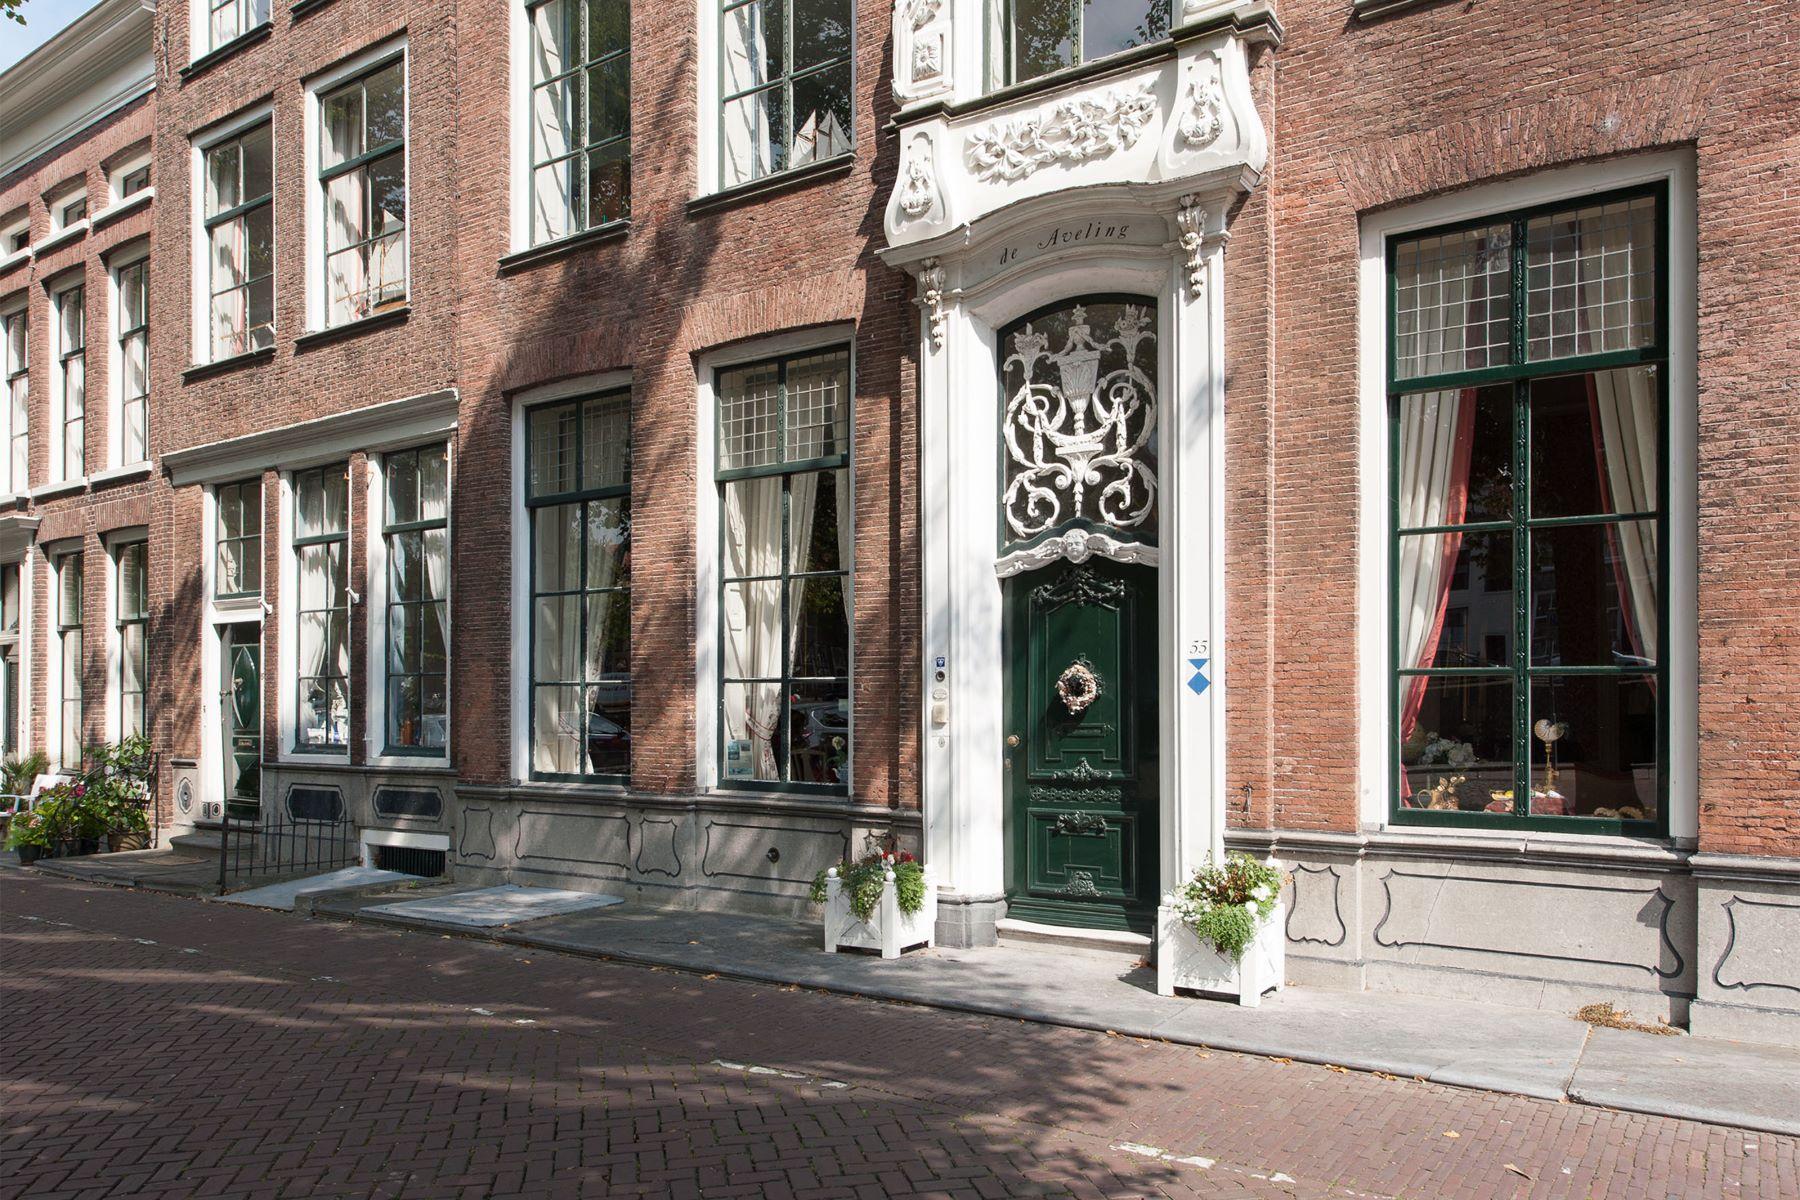 Townhouse for Sale at De Aveling Oude Haven 55 Zierikzee, Zeeland, 4301 JK Netherlands